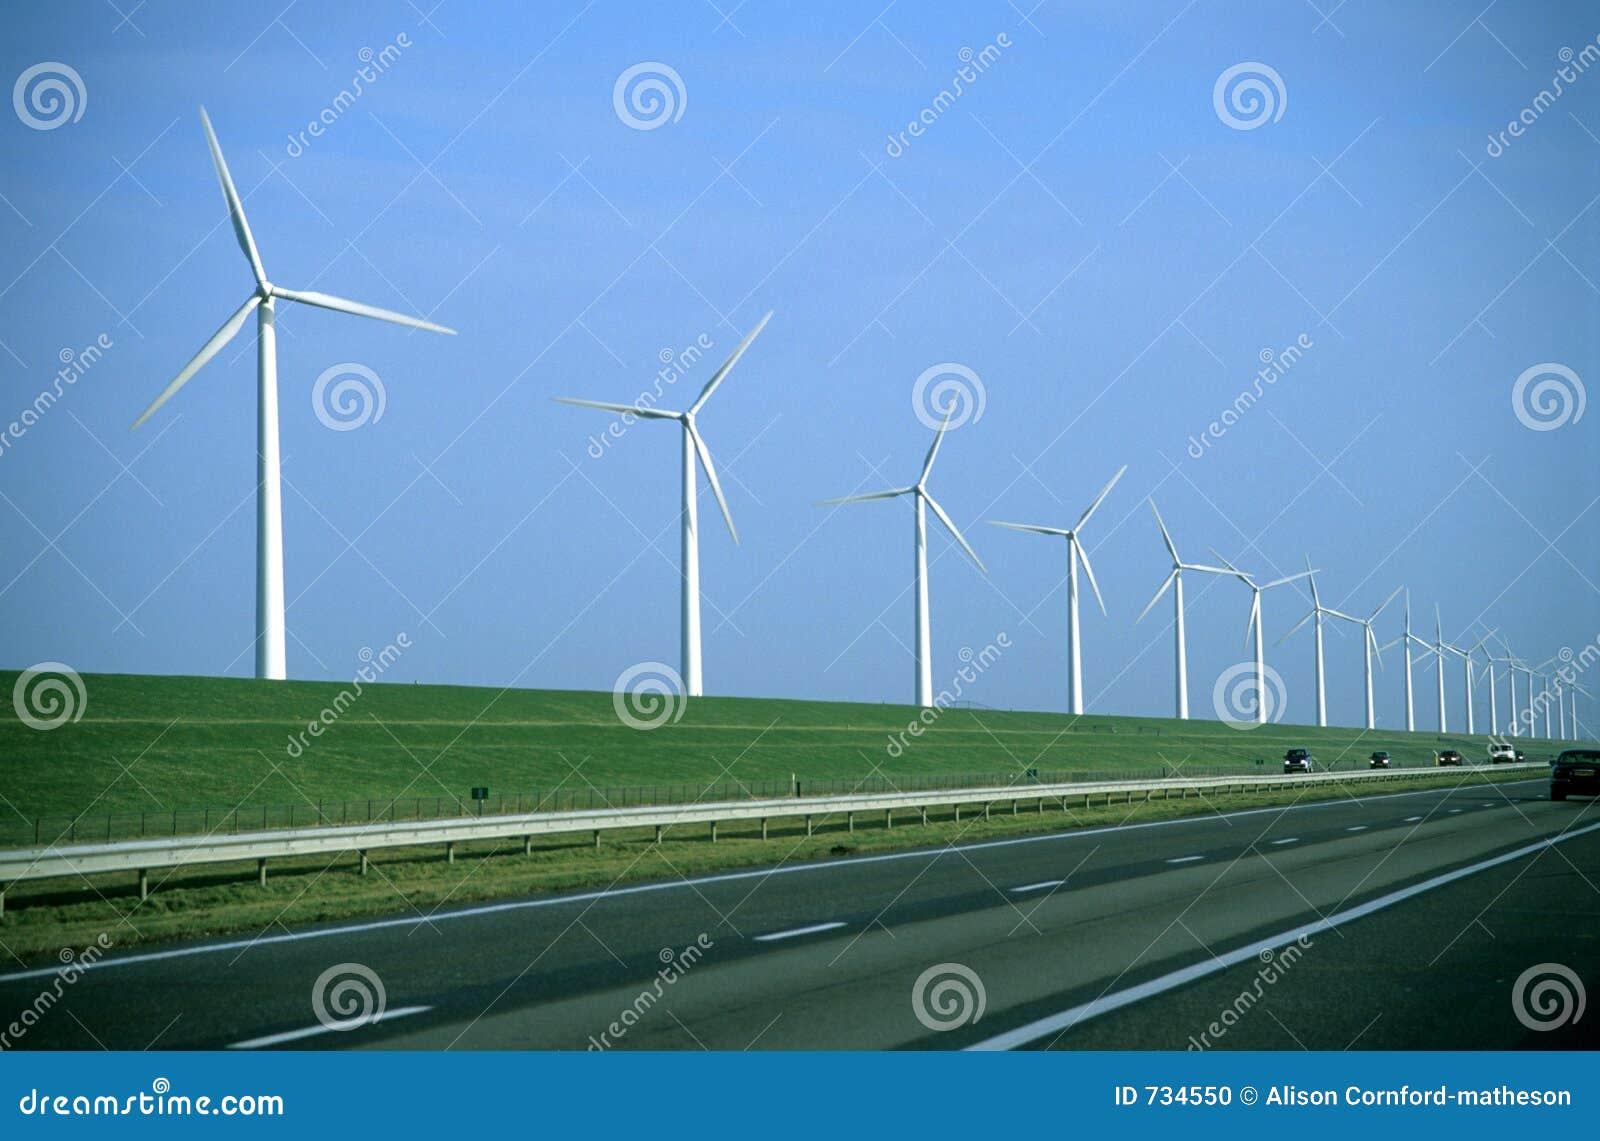 Route de moulin à vent - texture visible de film